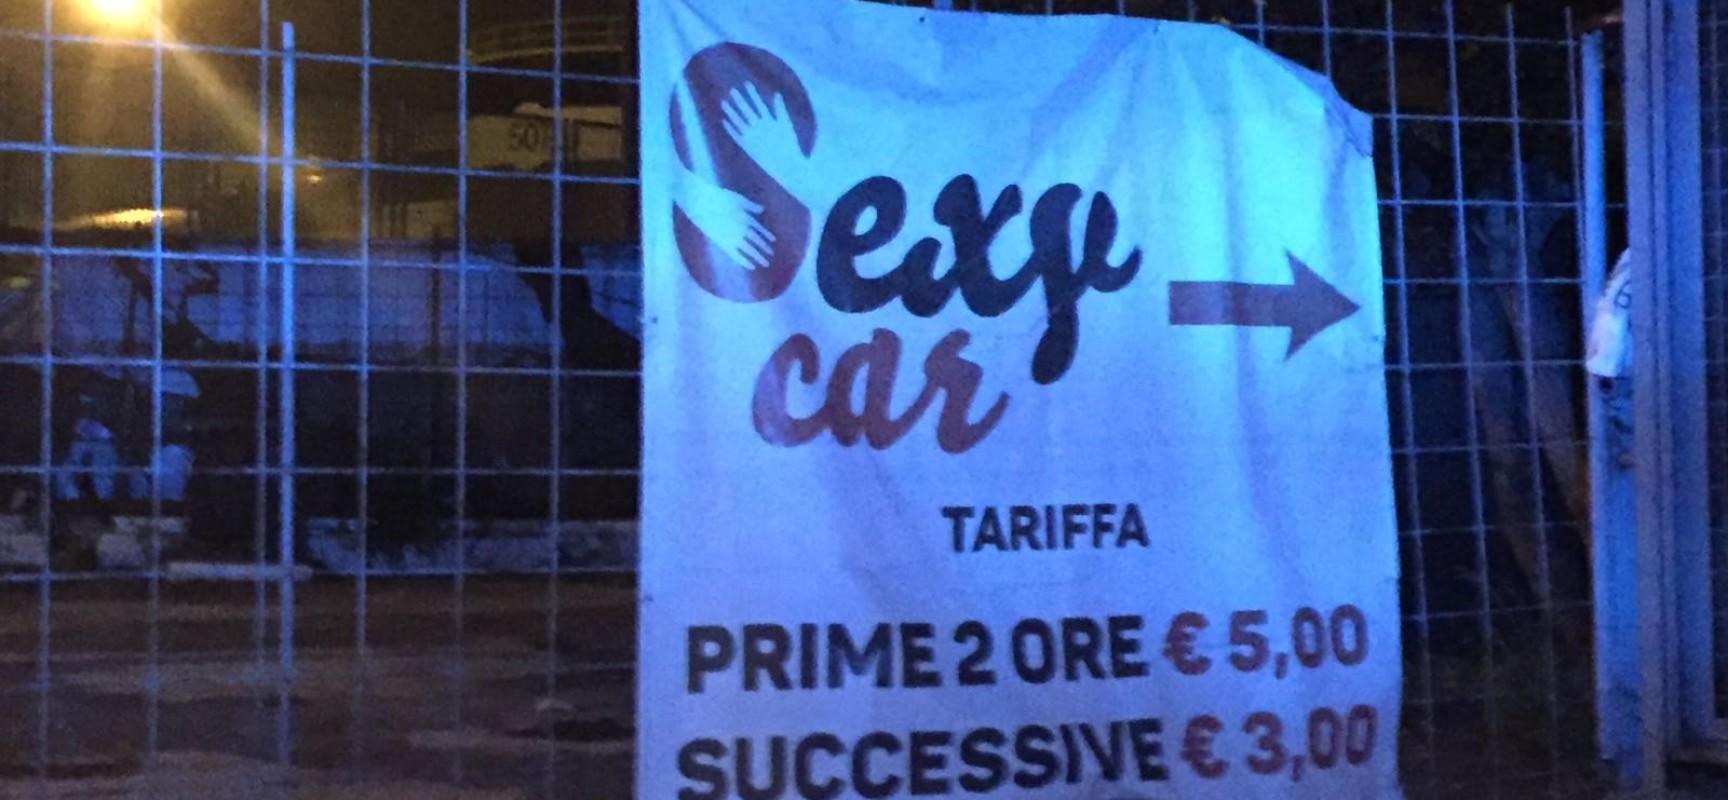 Napoli e il sexy car